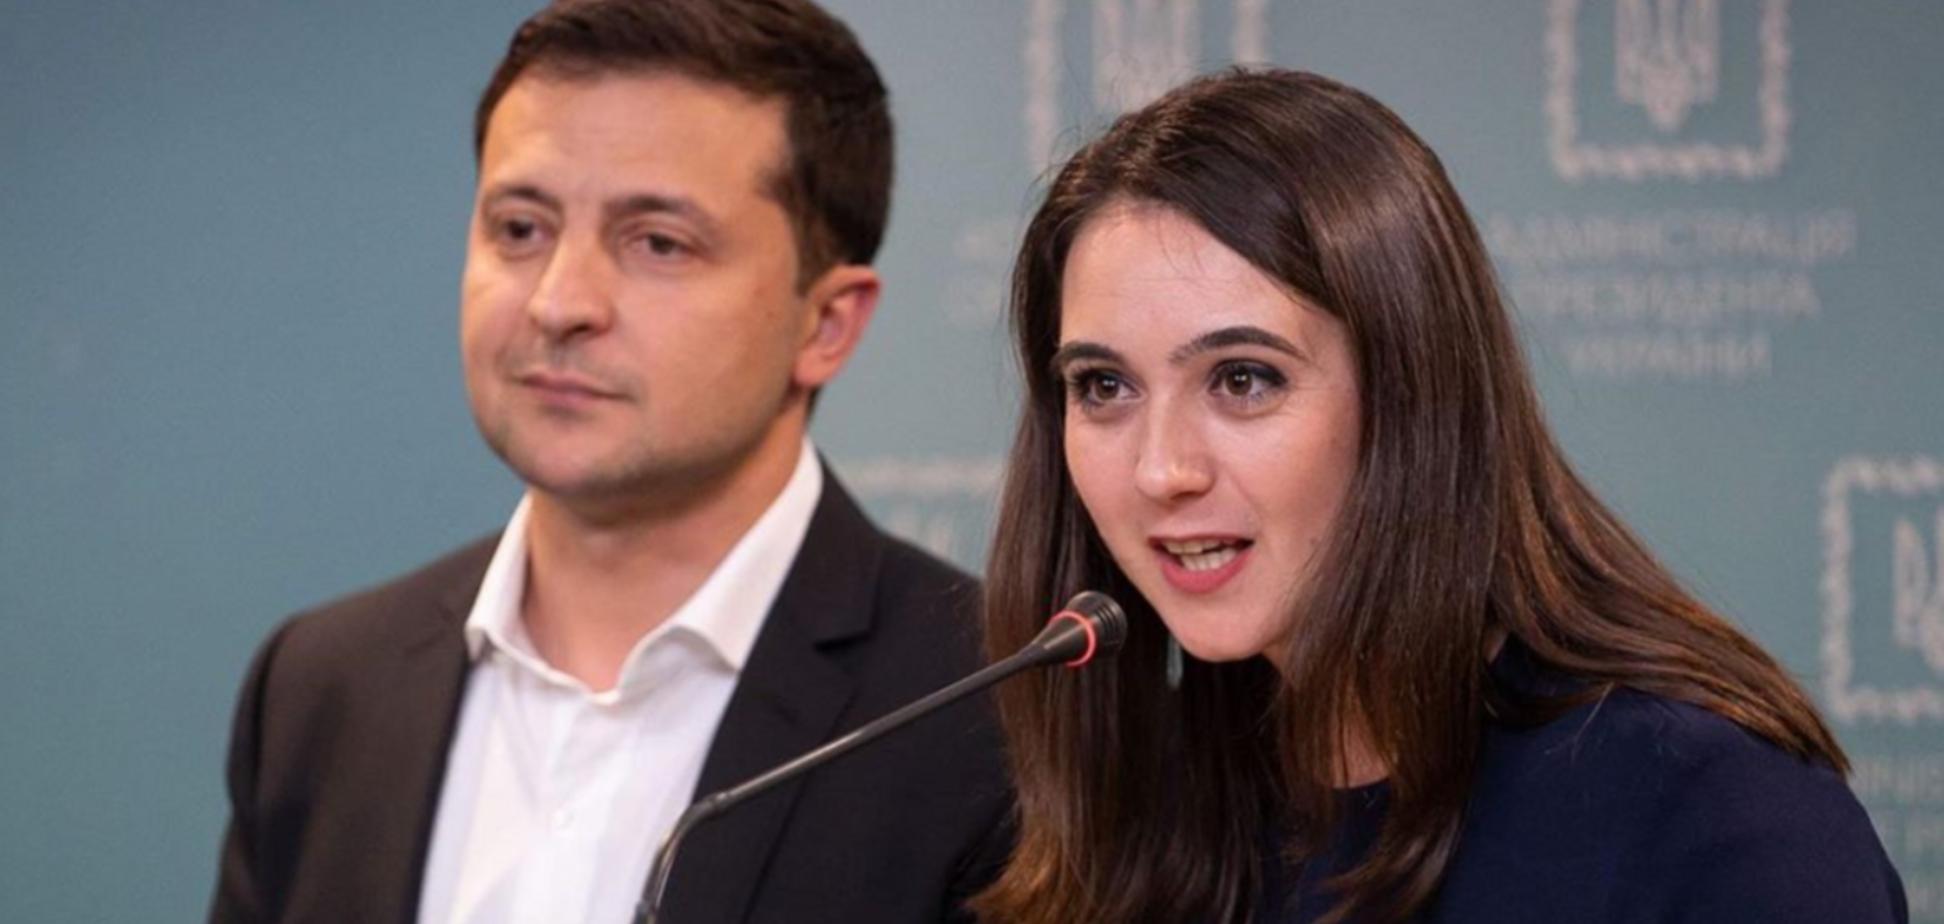 Скандал с братом Ермака: Мендель заявила, что Зеленский не должен реагировать